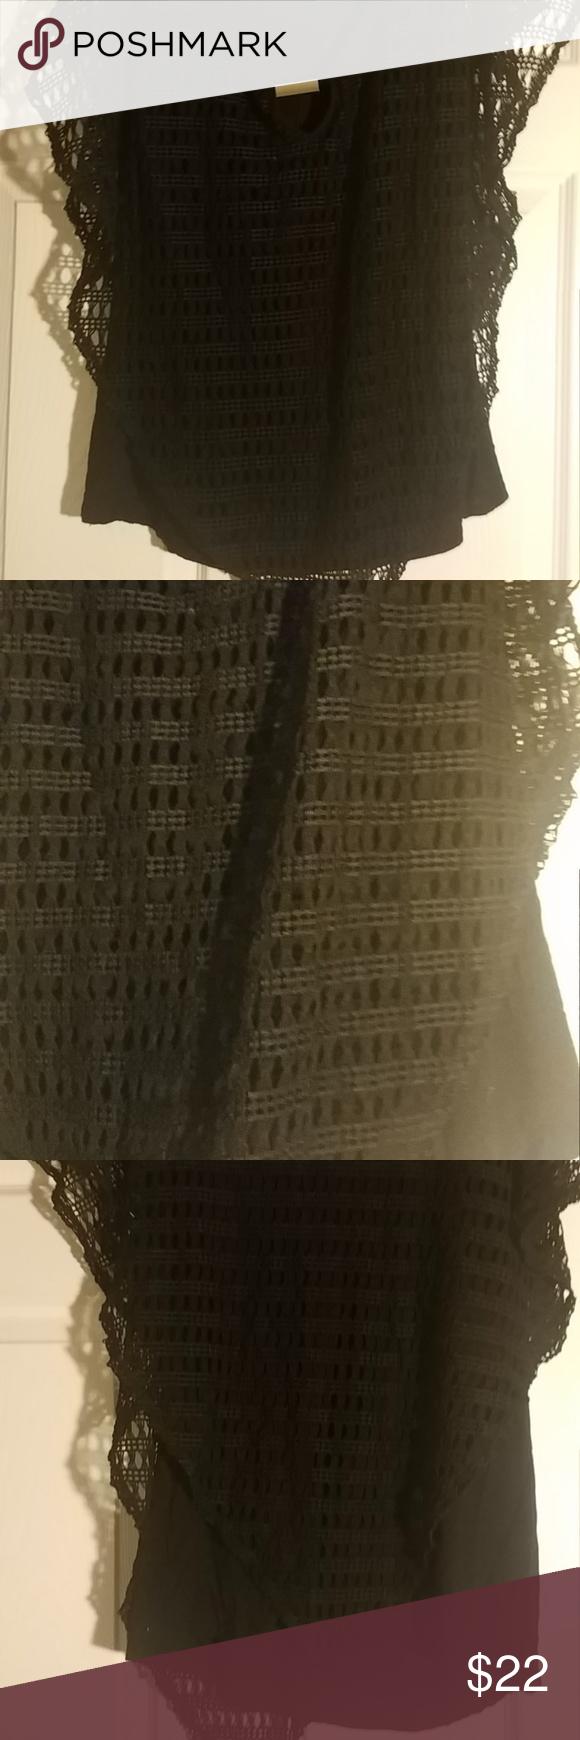 Naif XL black top with crochet and slip Naif XL black top with crochet and slip measurements: 32″ bust by 25.5″ length Naif Tops